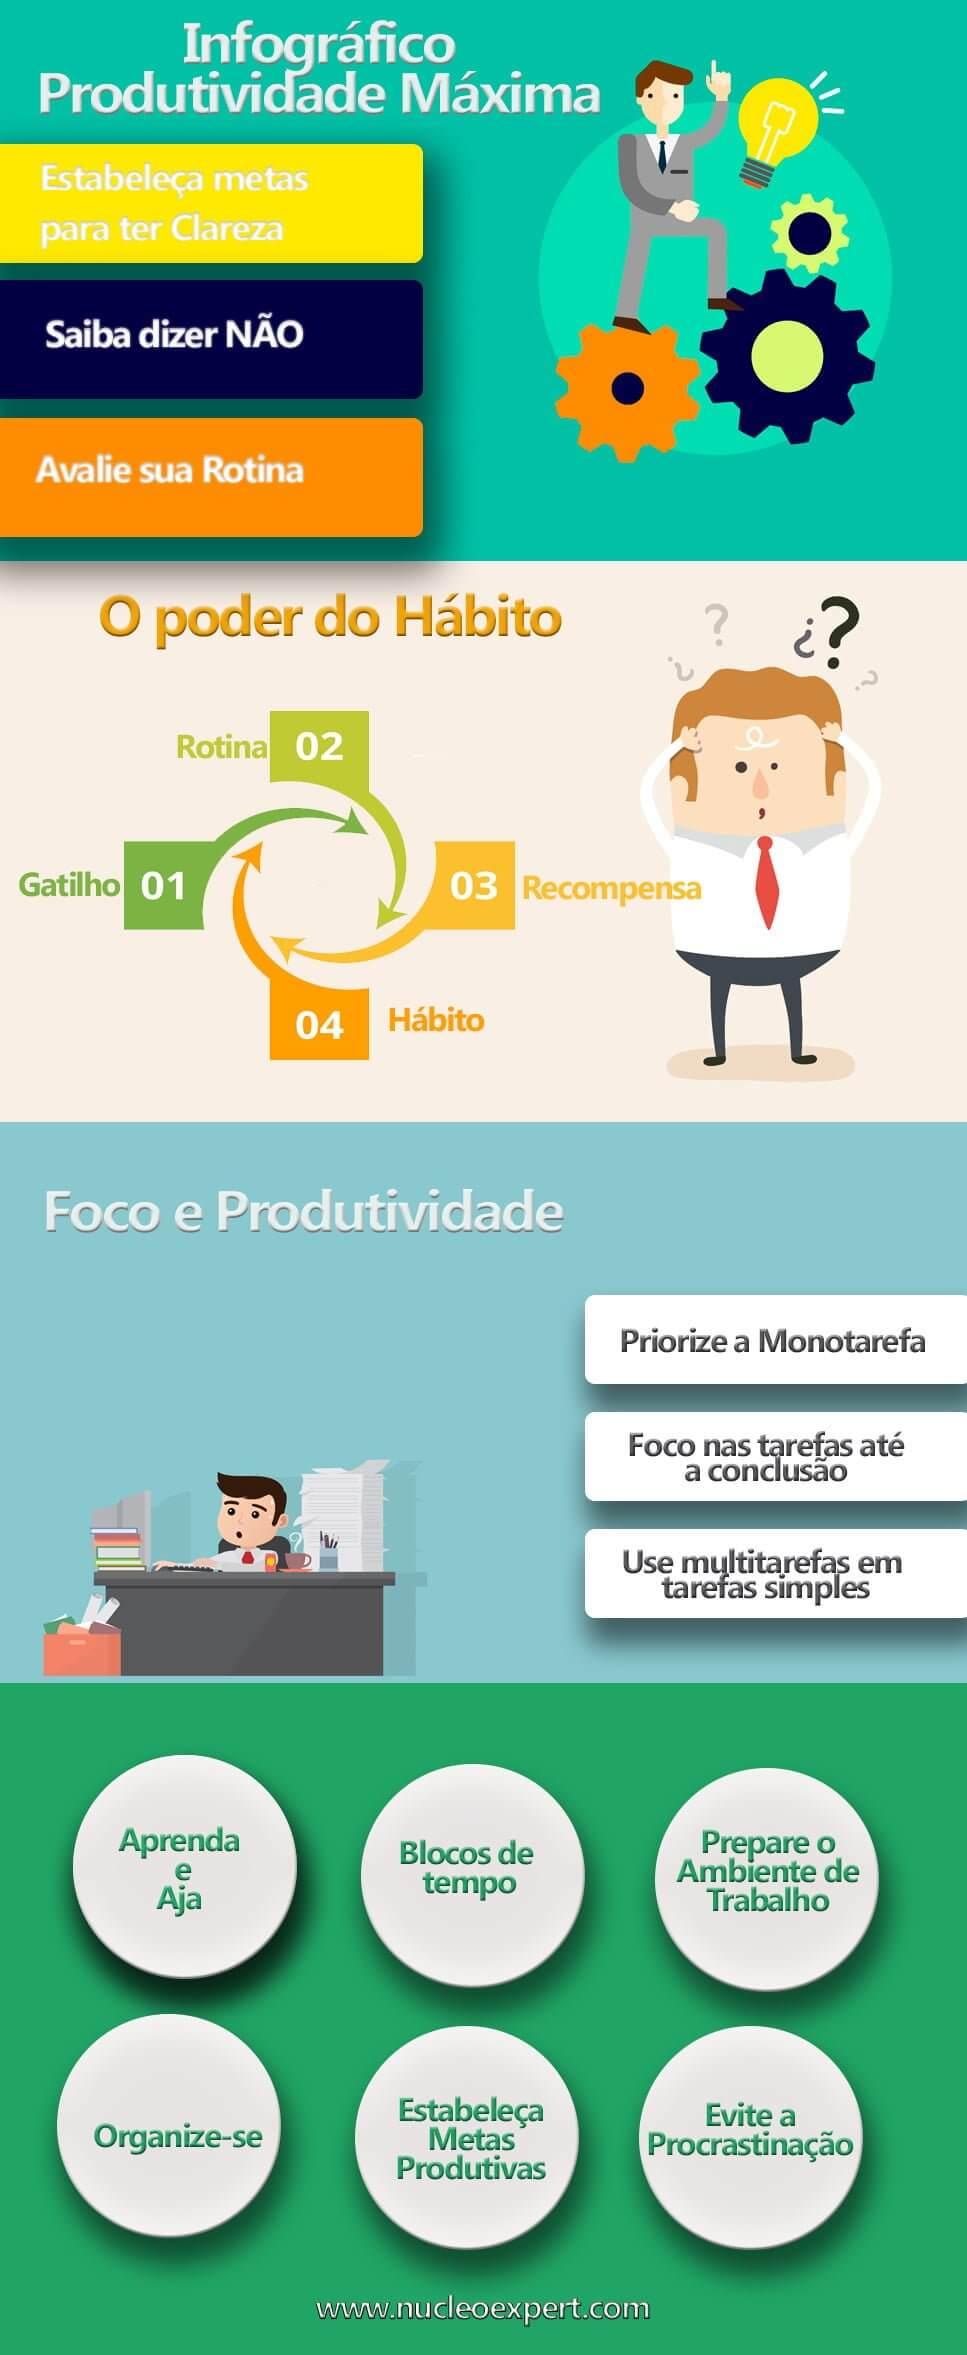 Infográfico Produtividade